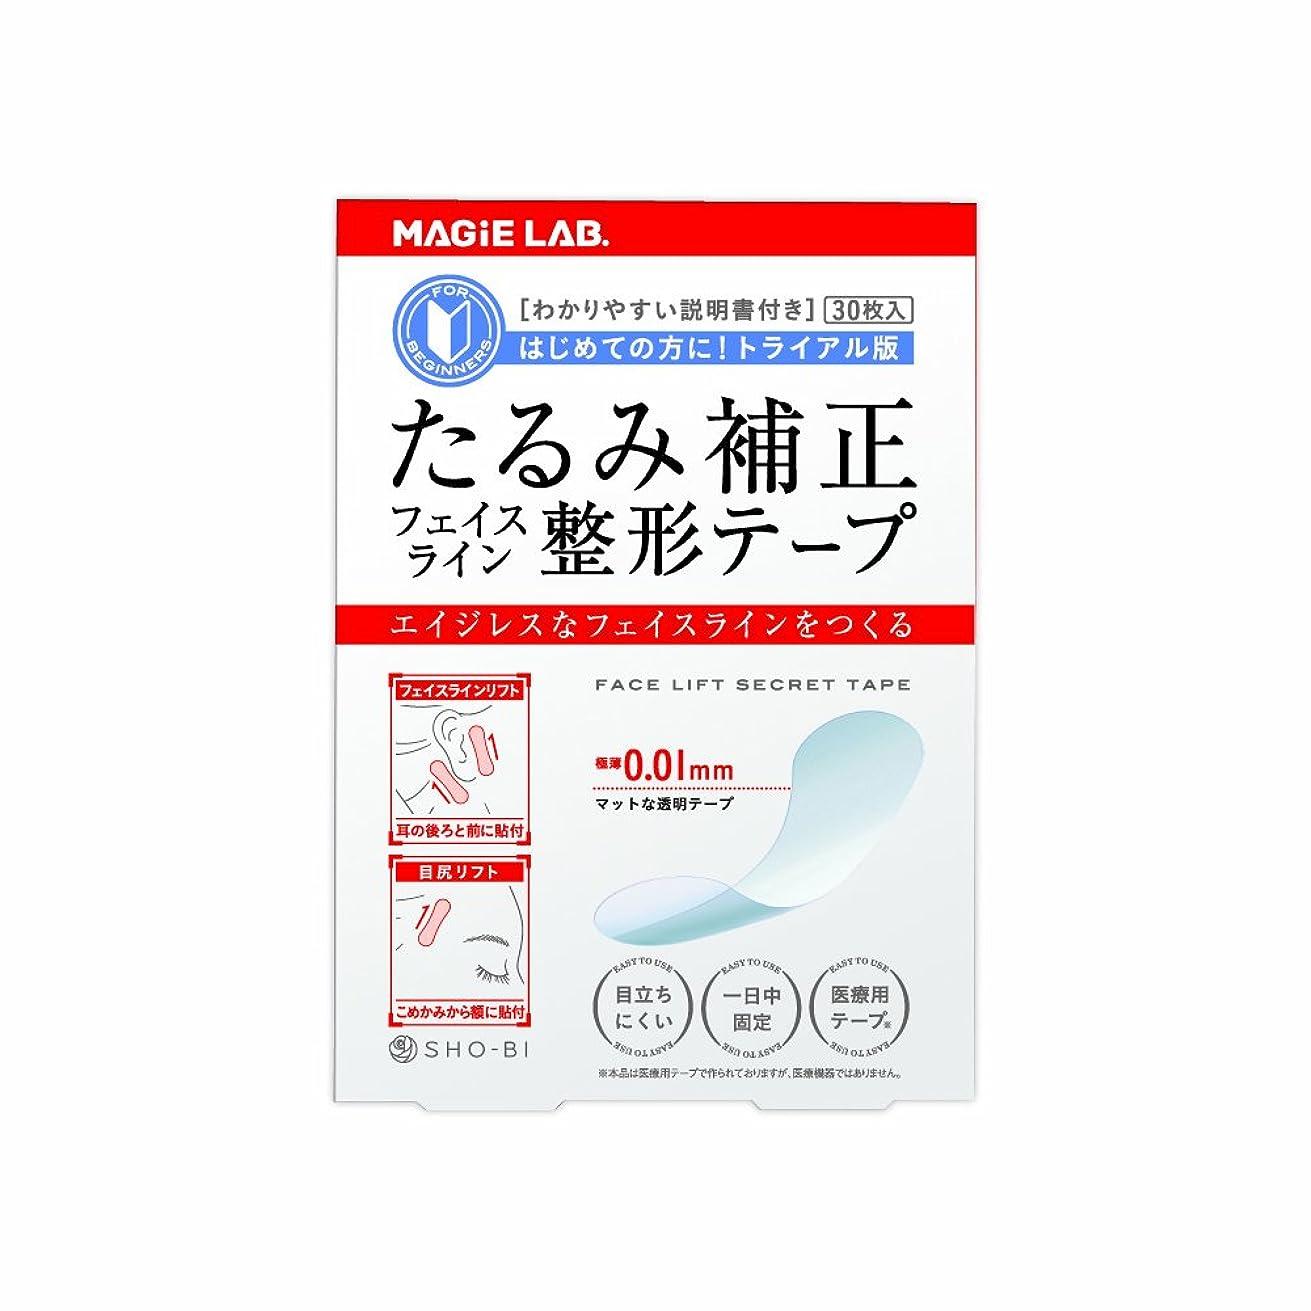 リマーク森私たちのものMG22106 フェイスライン 整形テープ トライアル版 30枚入 マジラボ MAGiE LAB.